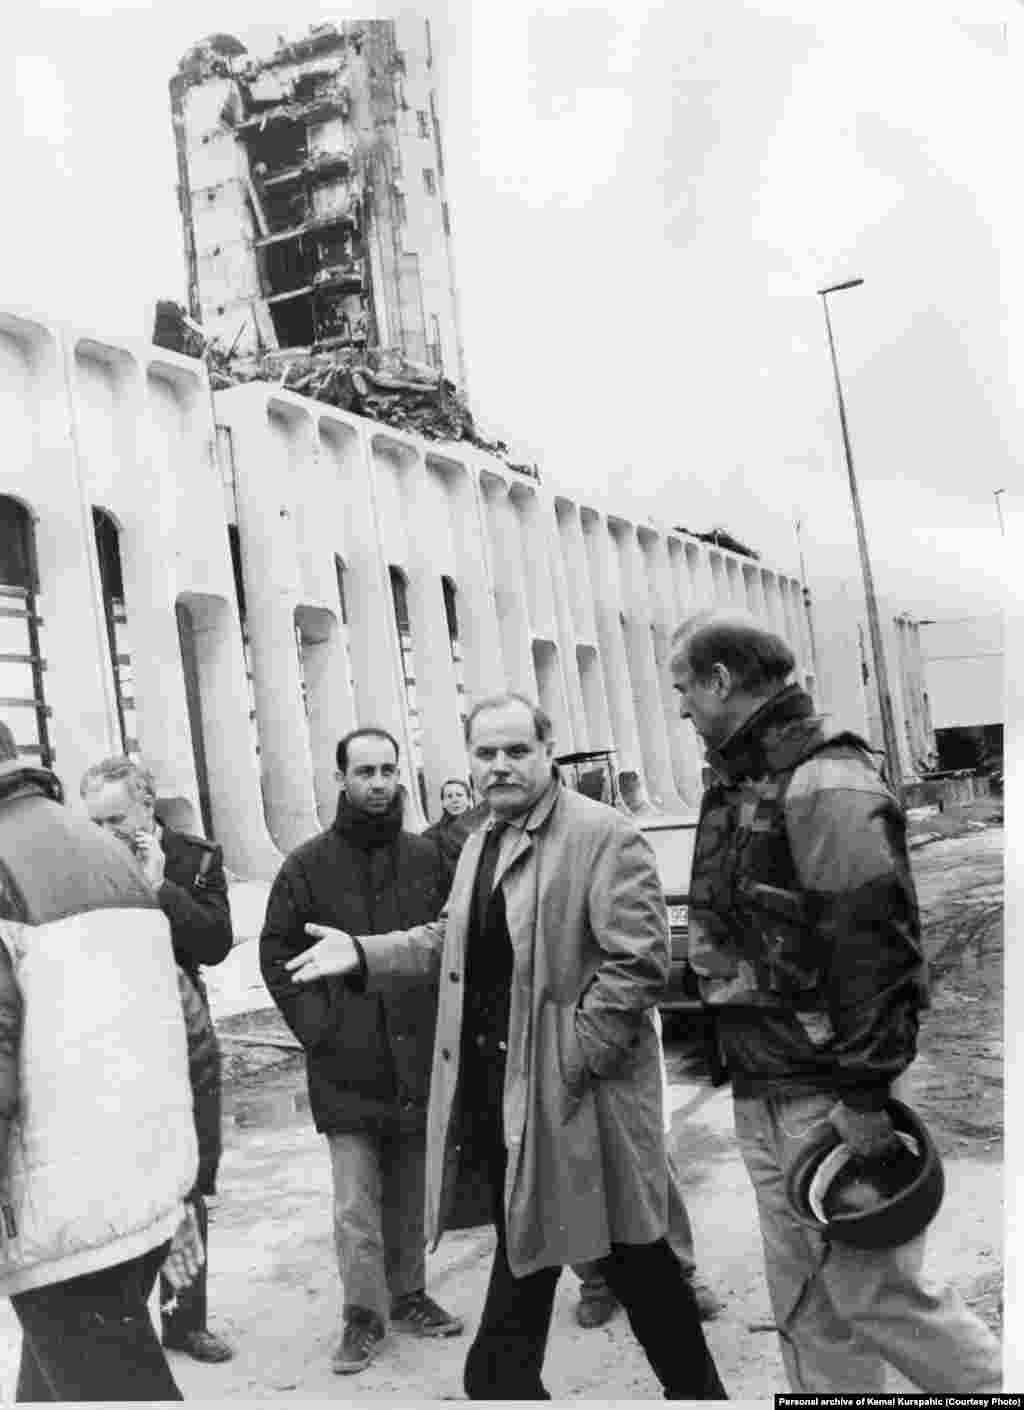 Joe Biden egykori szenátorKemal Kurspahic főszerkesztővel azOslobodjenje nevű újság szerkesztőségébe tesz látogatást Szarajevóban 1993-ban.